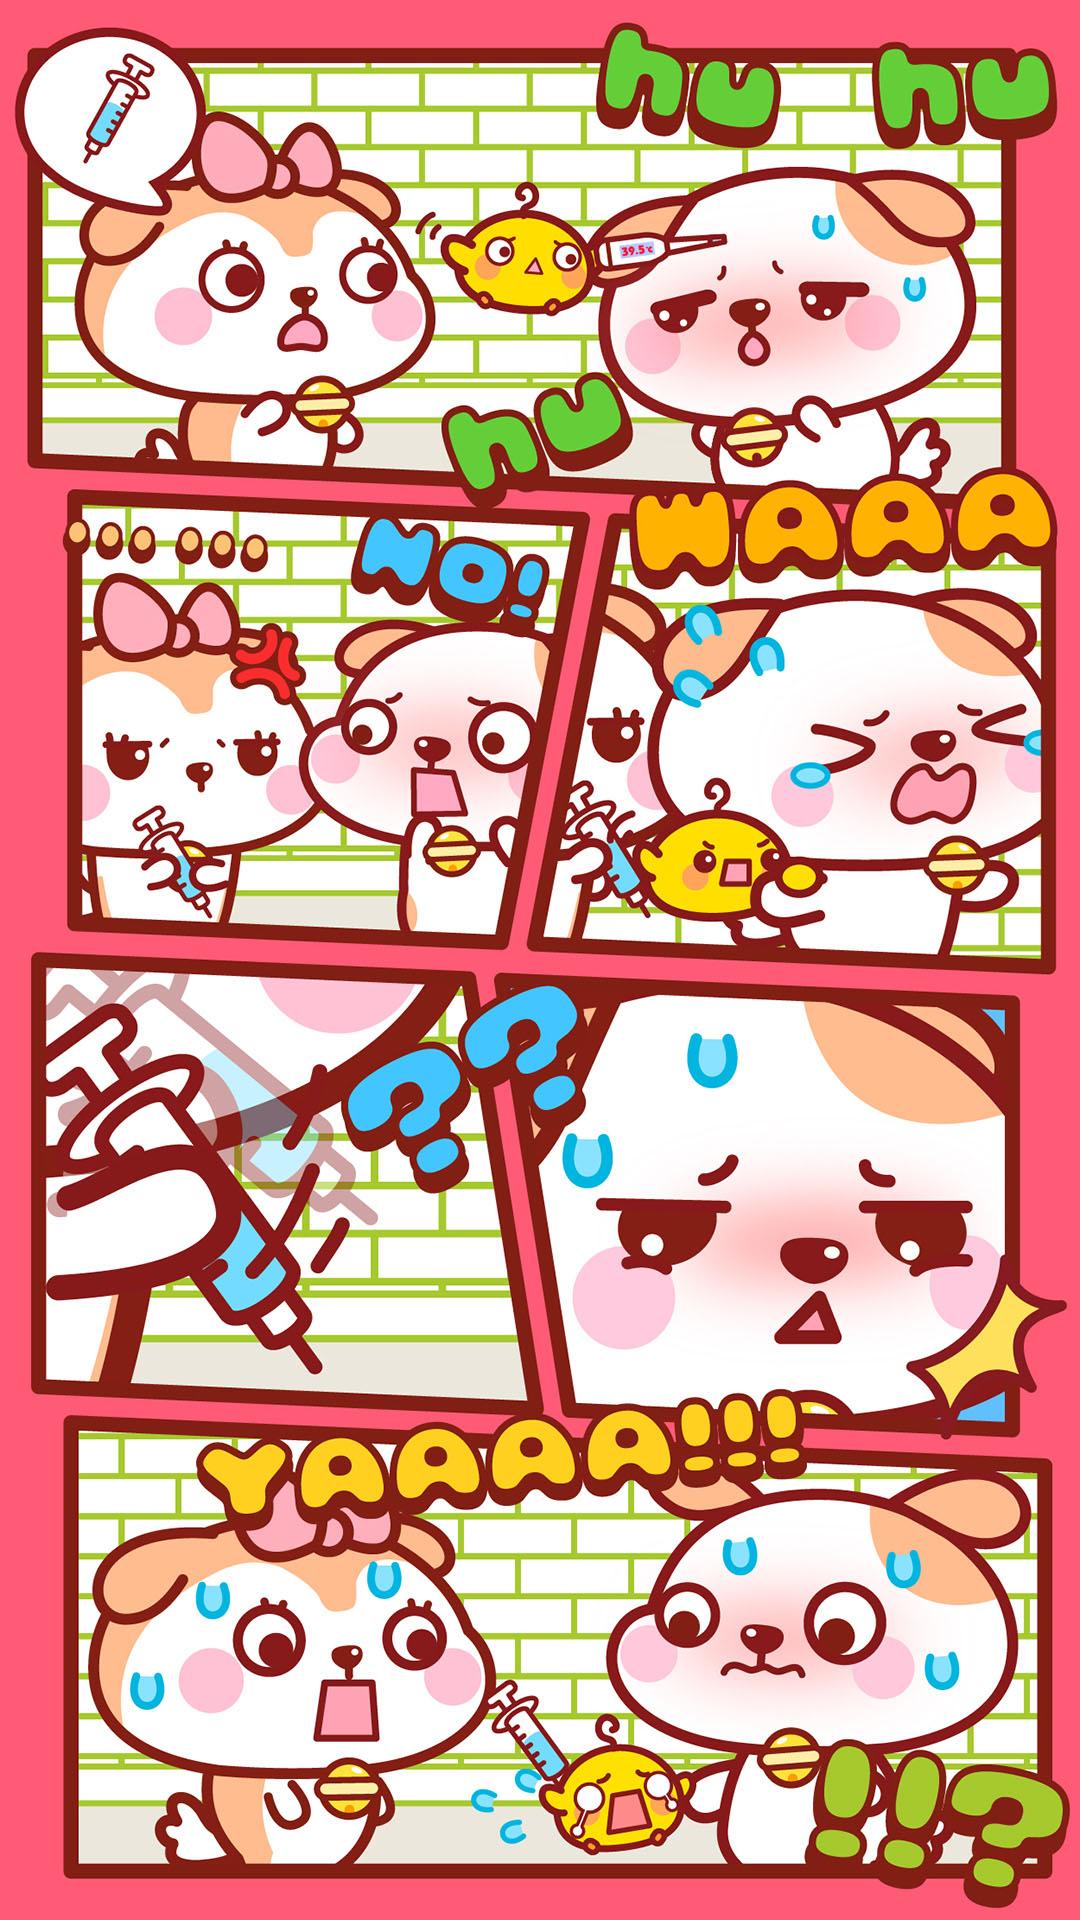 秋田君漫画109-117